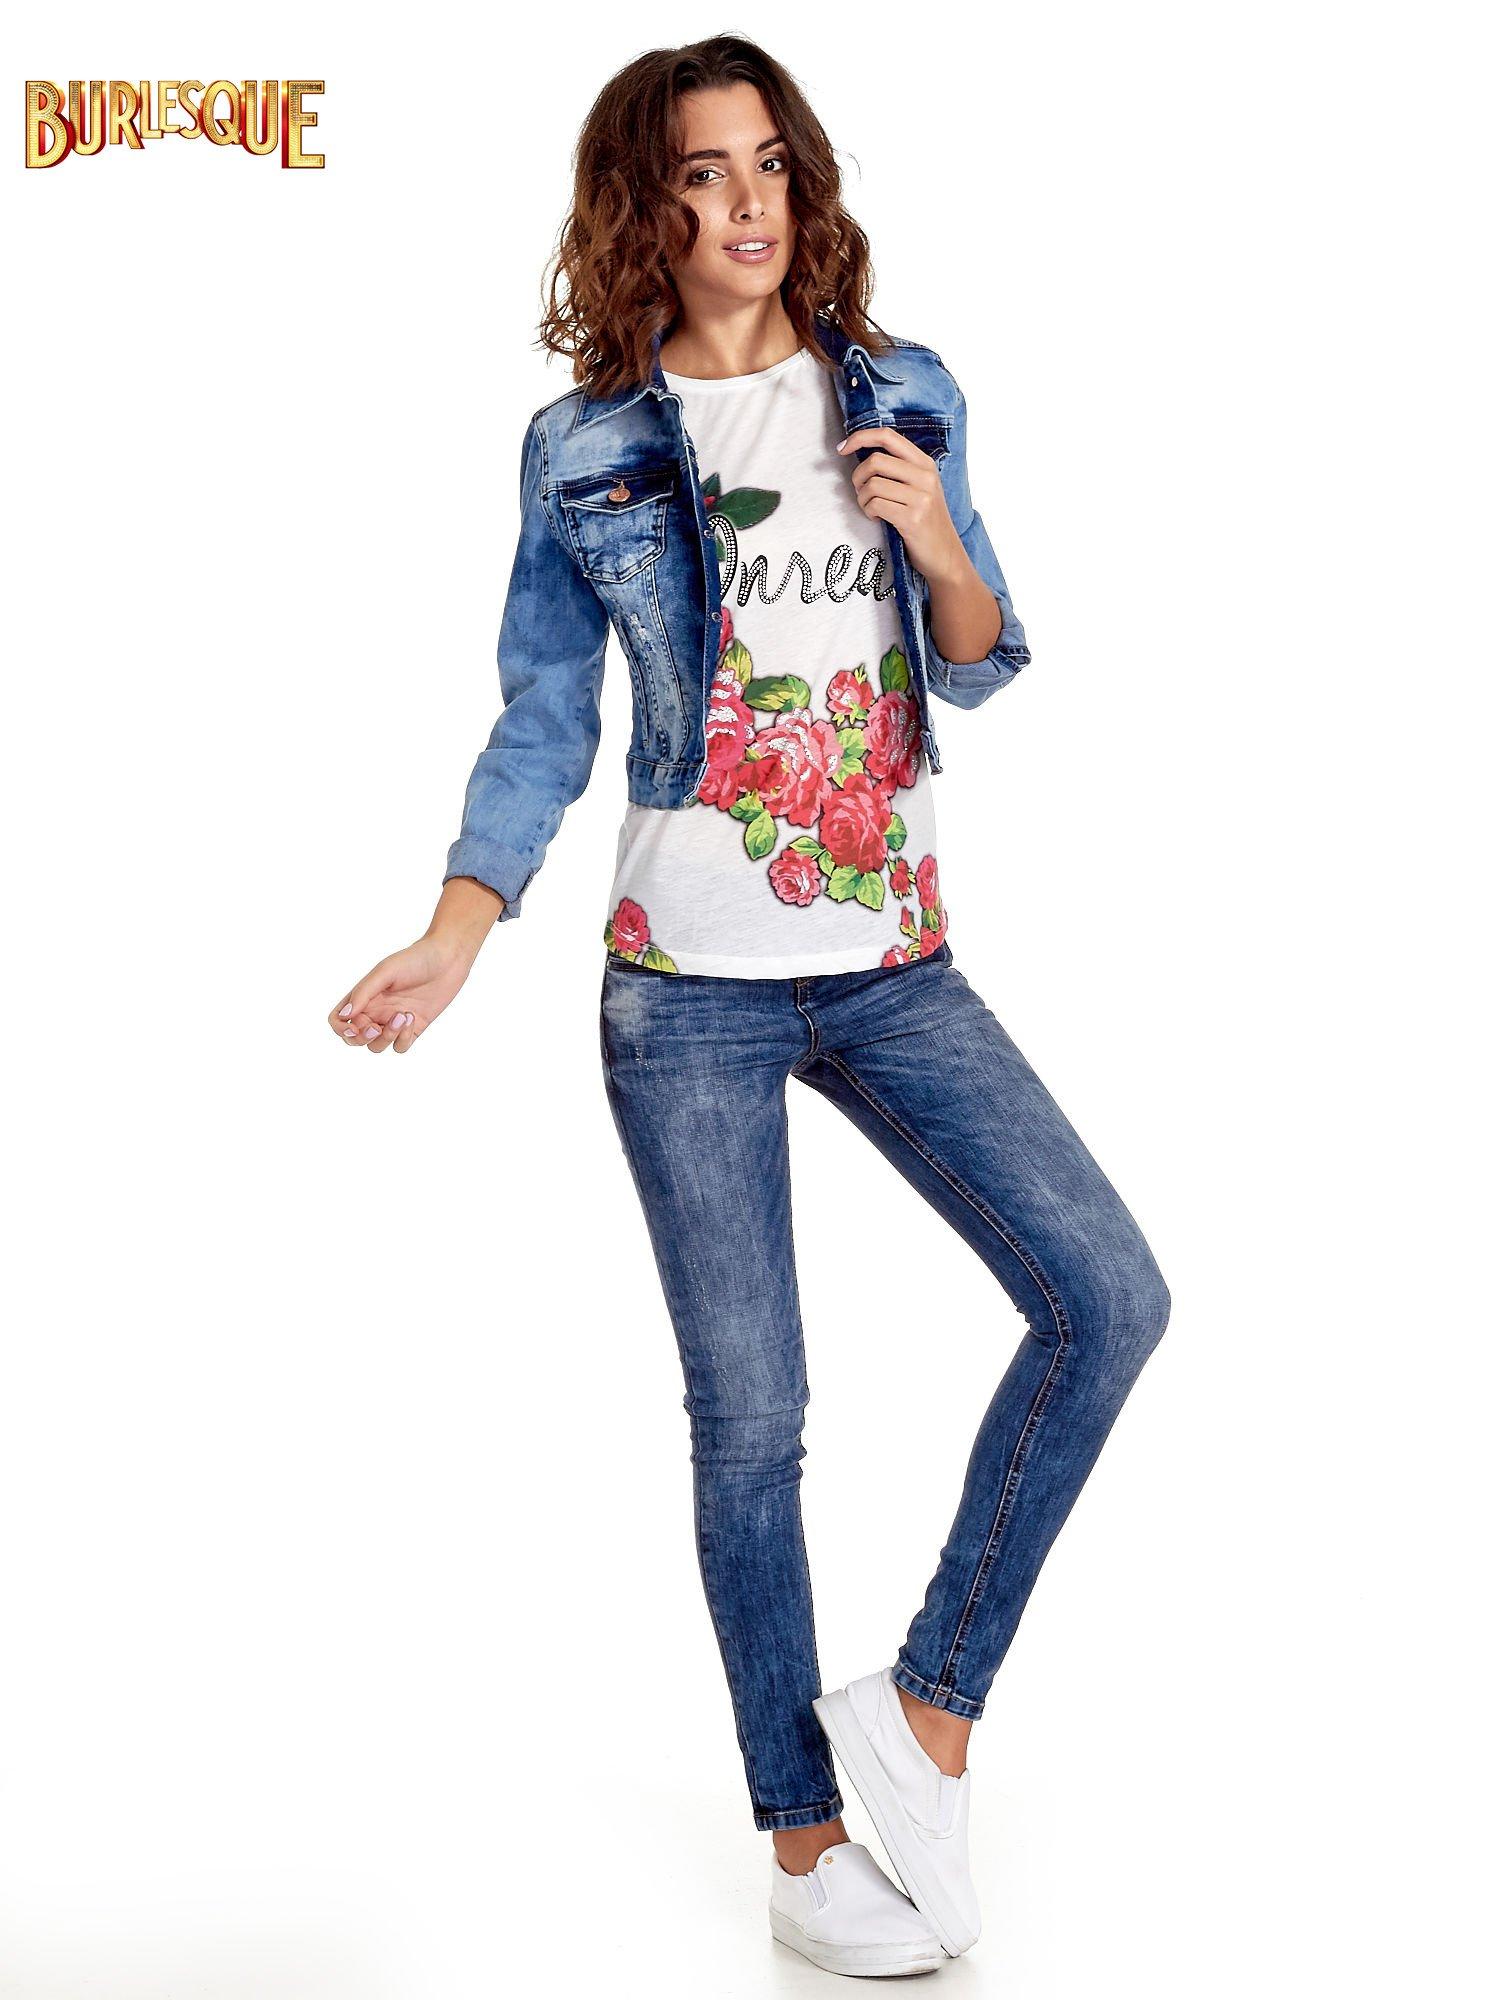 Ecru t-shirt z kwiatowym nadrukiem i napisem UNREAL                                  zdj.                                  2